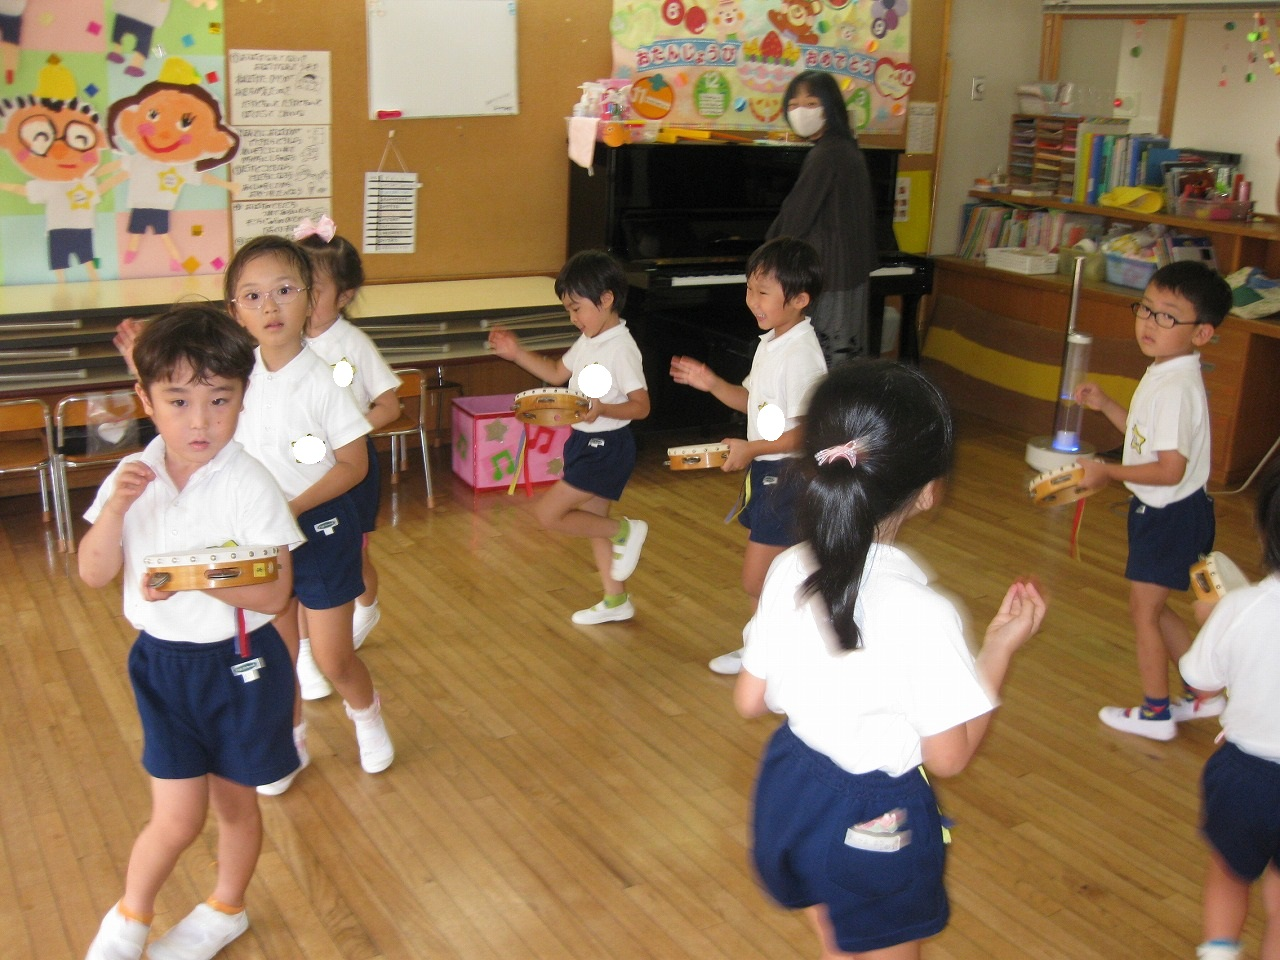 10月7日 音楽指導がありました。